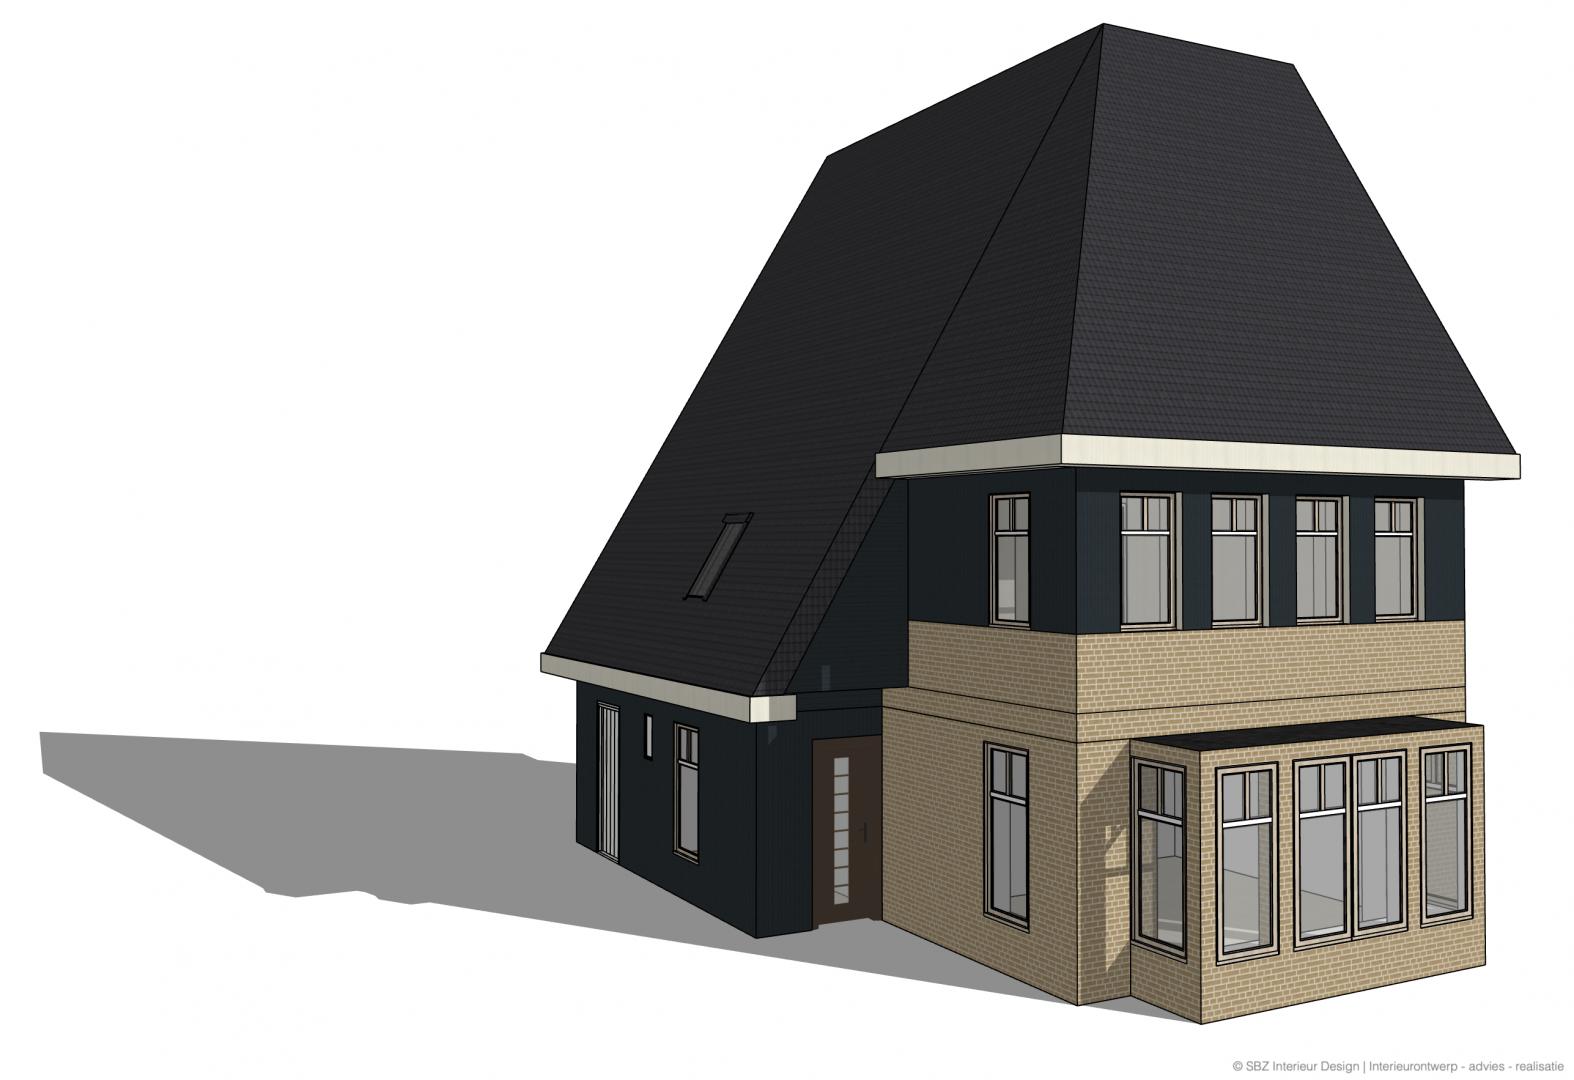 3D impressie buitenzijde project Weespersluis - Susanne-Bolkestein-Zum Vorde-SBZ-Interieur-Design-interieuradvies-binnenhuisontwerp-interieurproject-interieurstyling-sbzinterieurdesign.nl